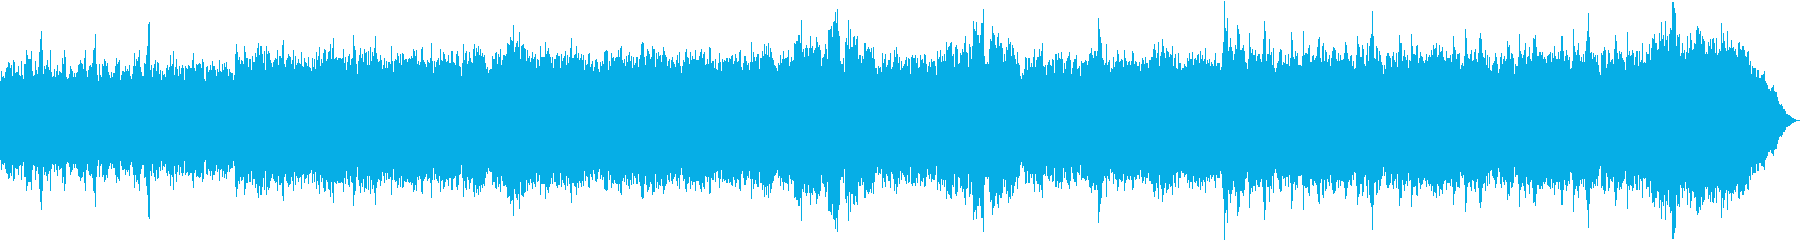 キンモクセイ-メロトロン・ストリングスの再生済みの波形